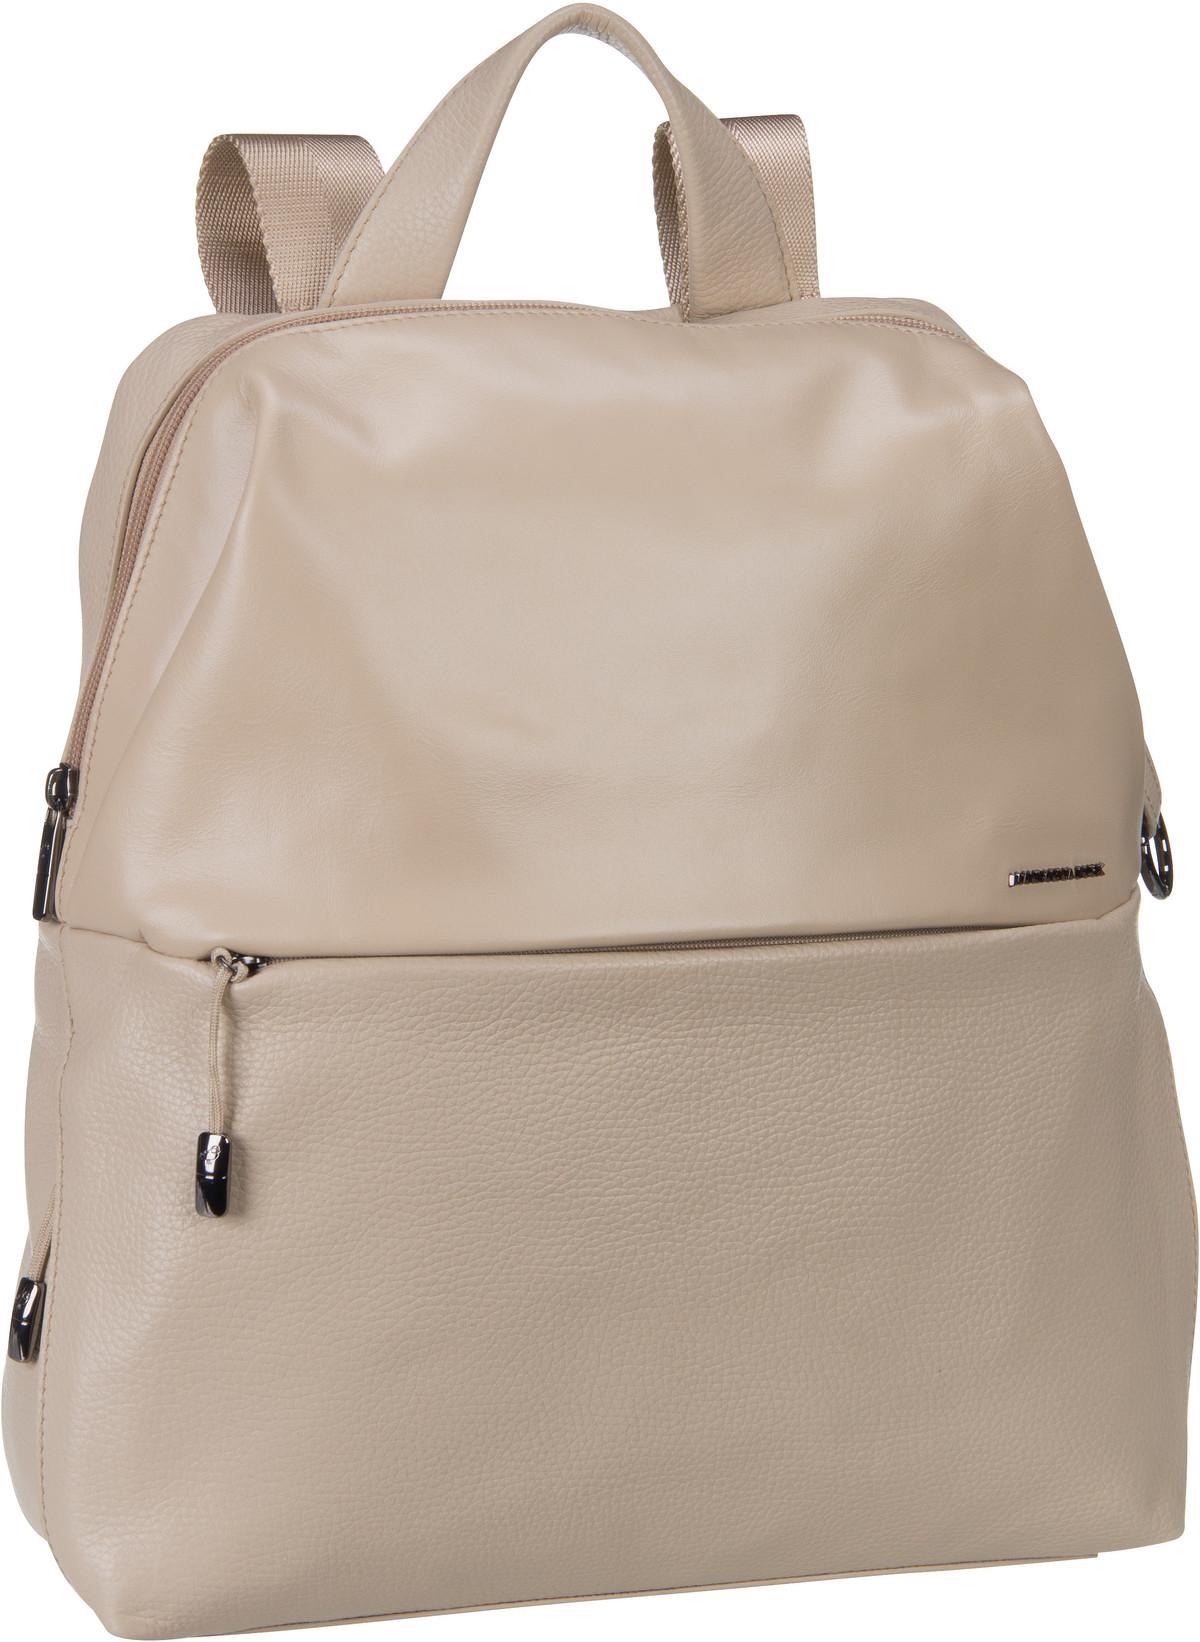 Rucksack / Daypack Athena Backpack UPT10 Irish Cream